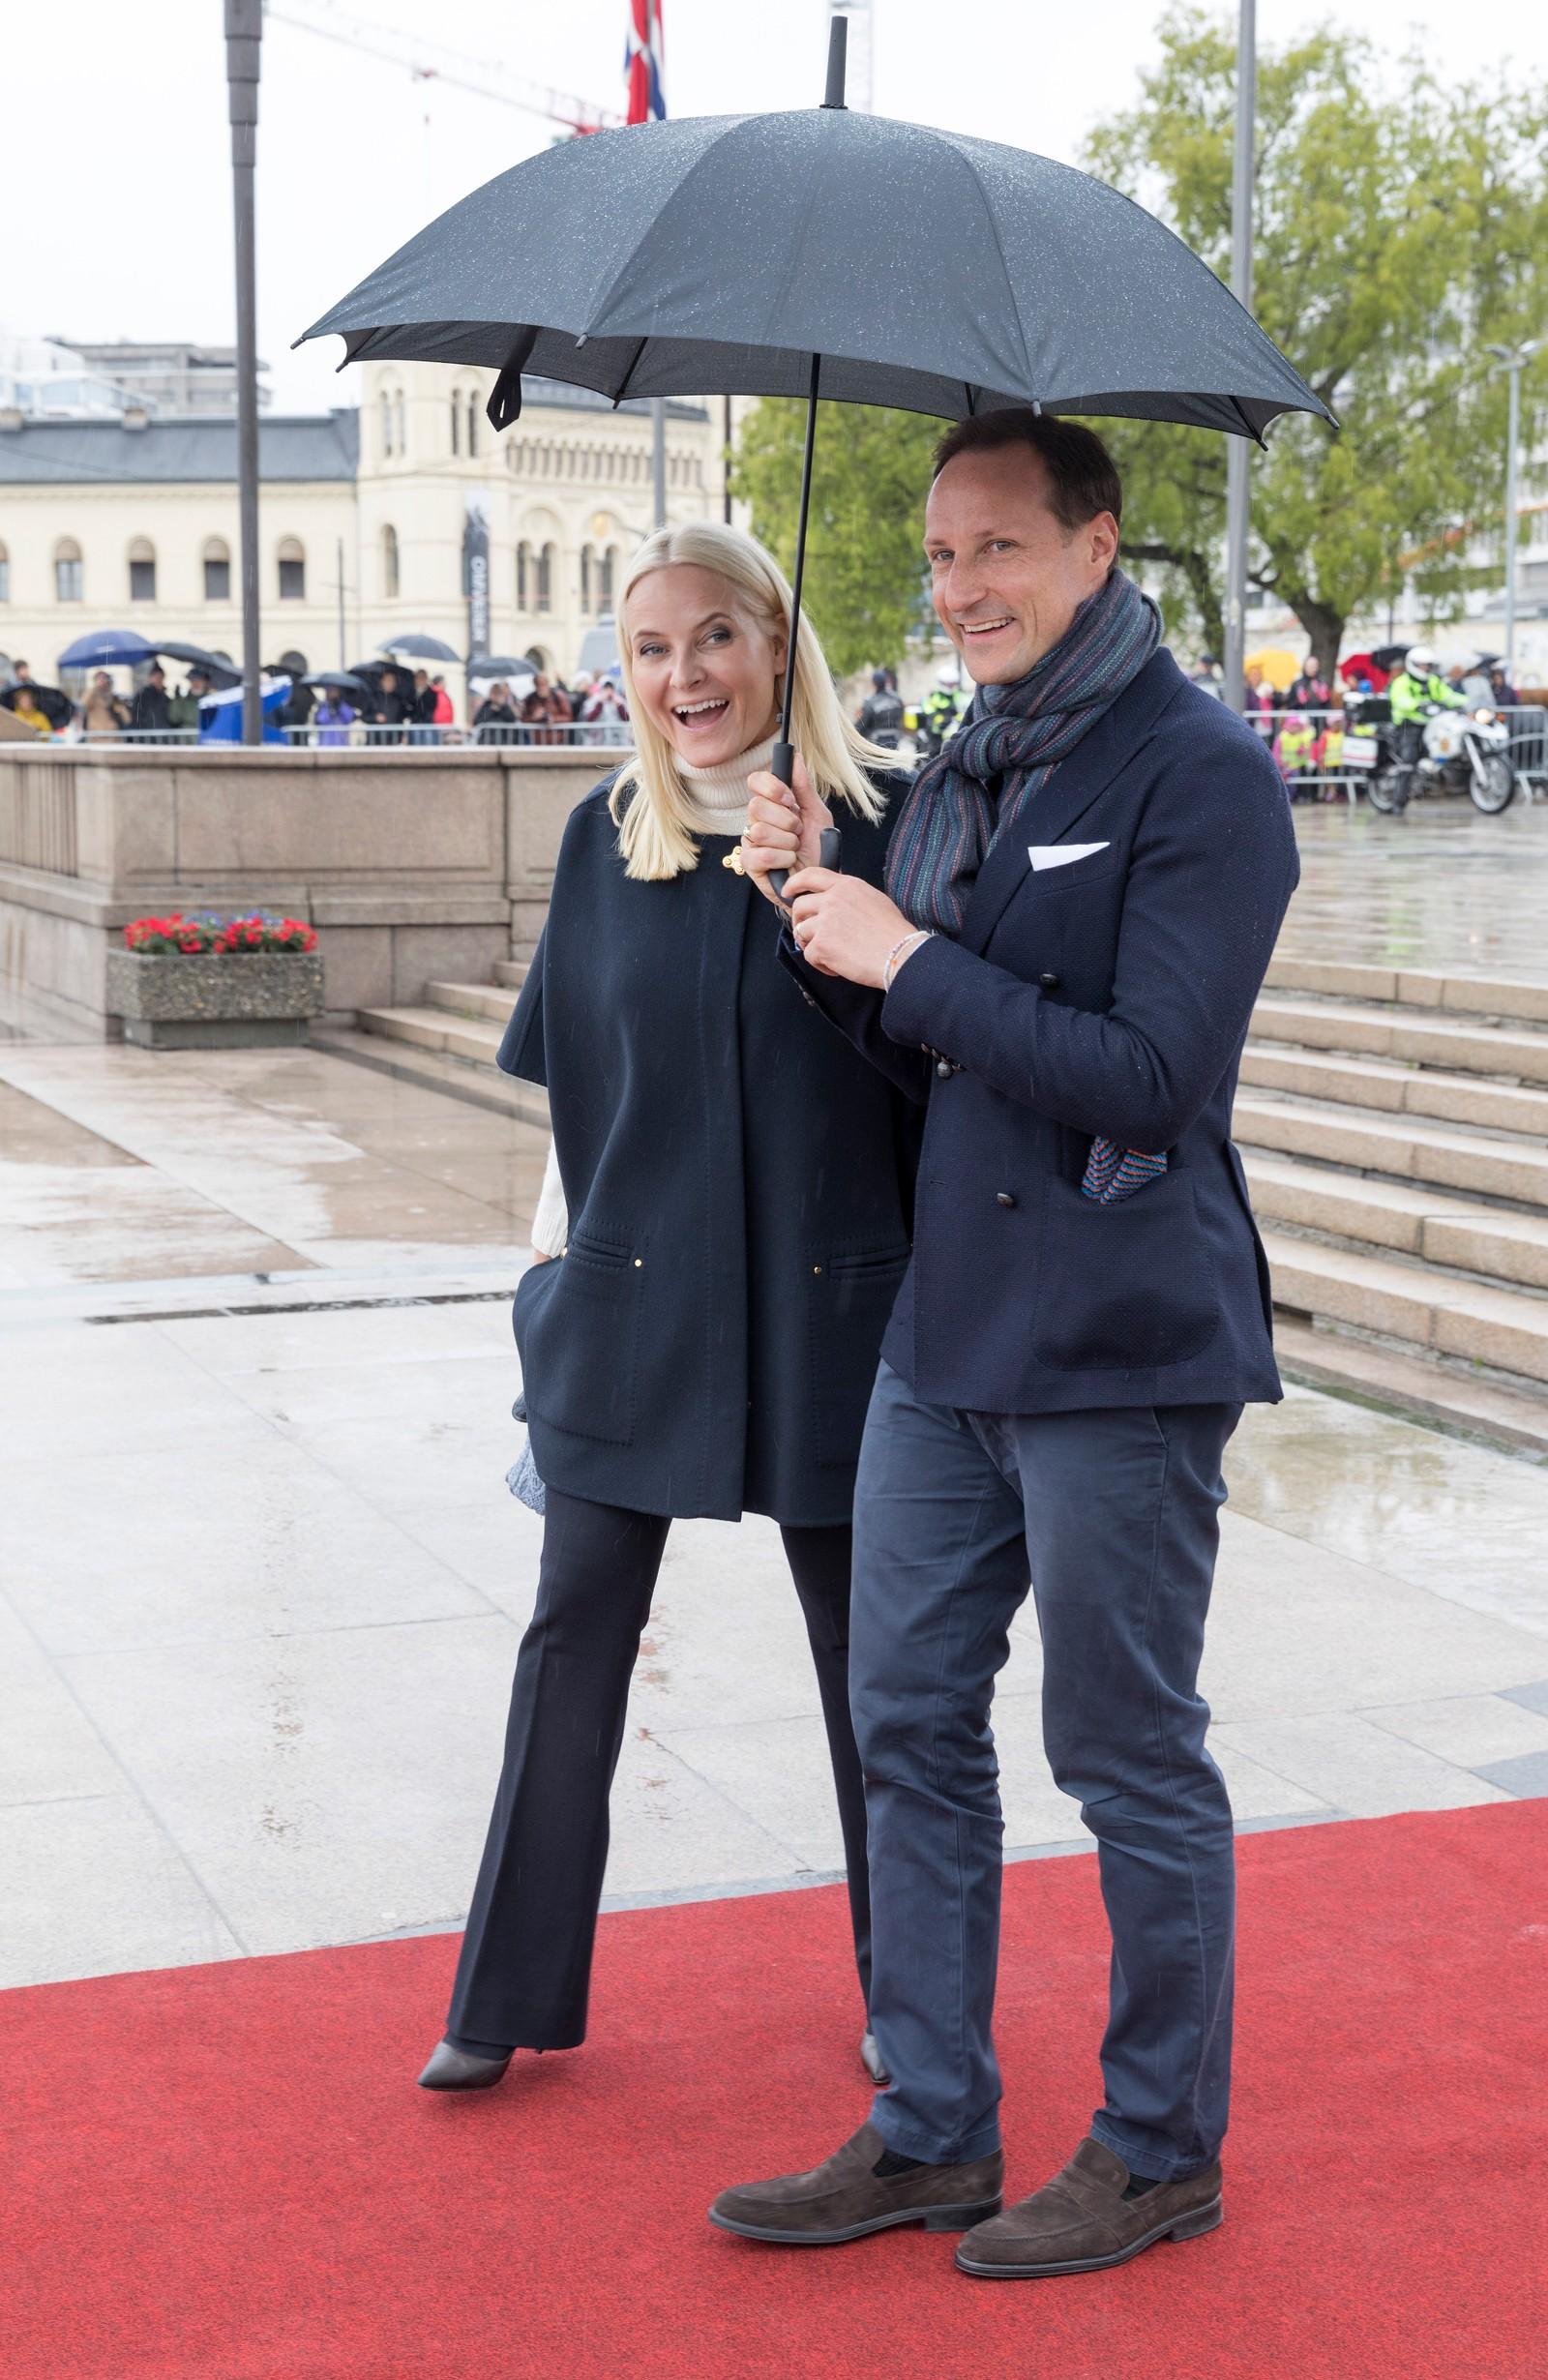 Kronprins Haakon og Kronprinsesse Mette-Marit ved avreise fra honnørbrygga i Oslo på tur til lunsj på Kongeskipet Norge onsdag.